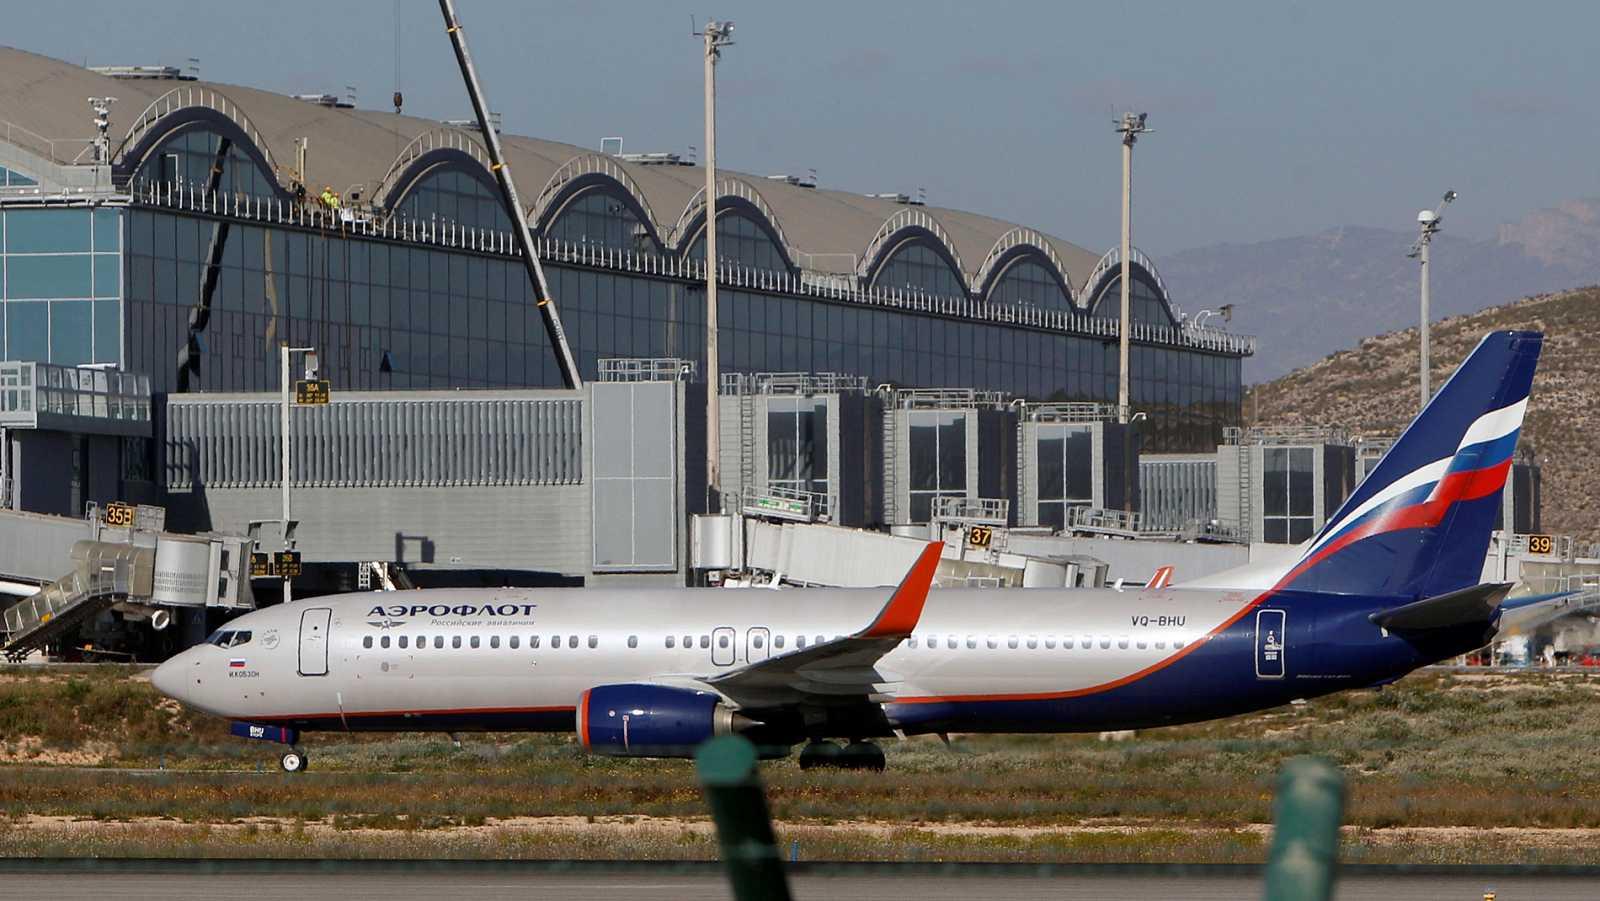 El aeropuerto de Alicante se reabre al tráfico aéreo de forma progresiva tras el incendio